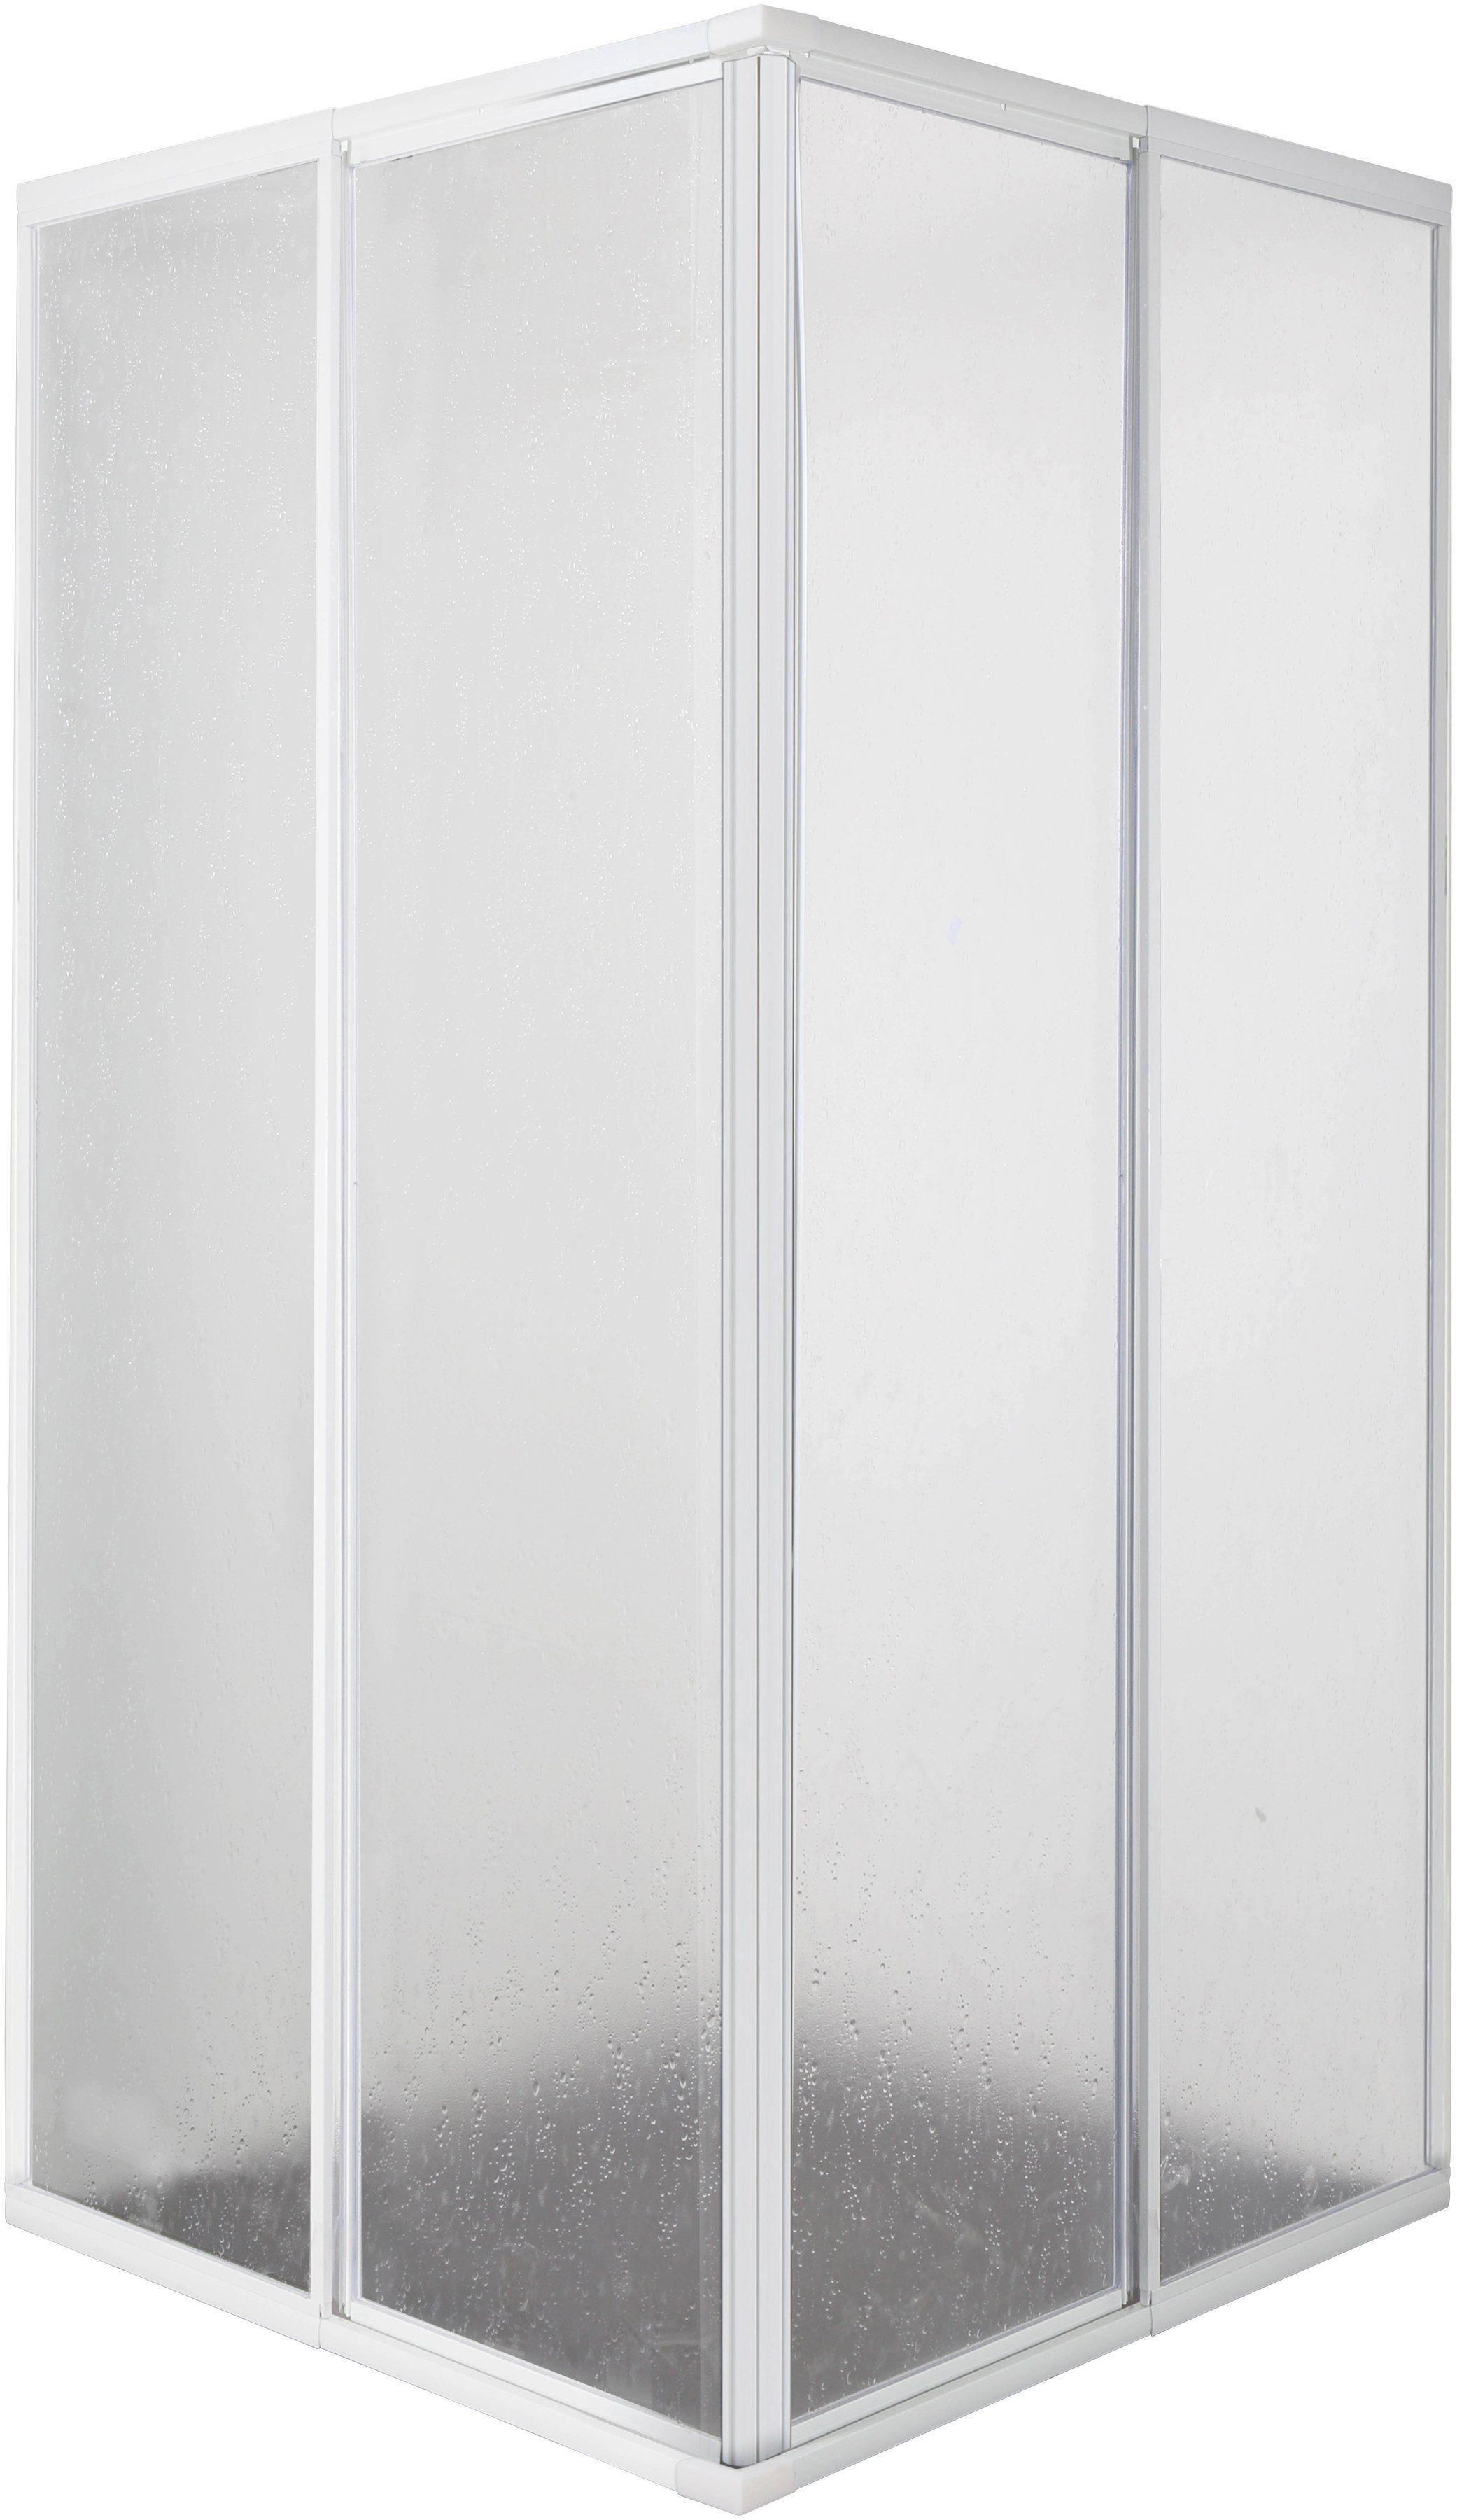 Eckdusche , Schiebetüren, Verstellbereich 73 - 88cm